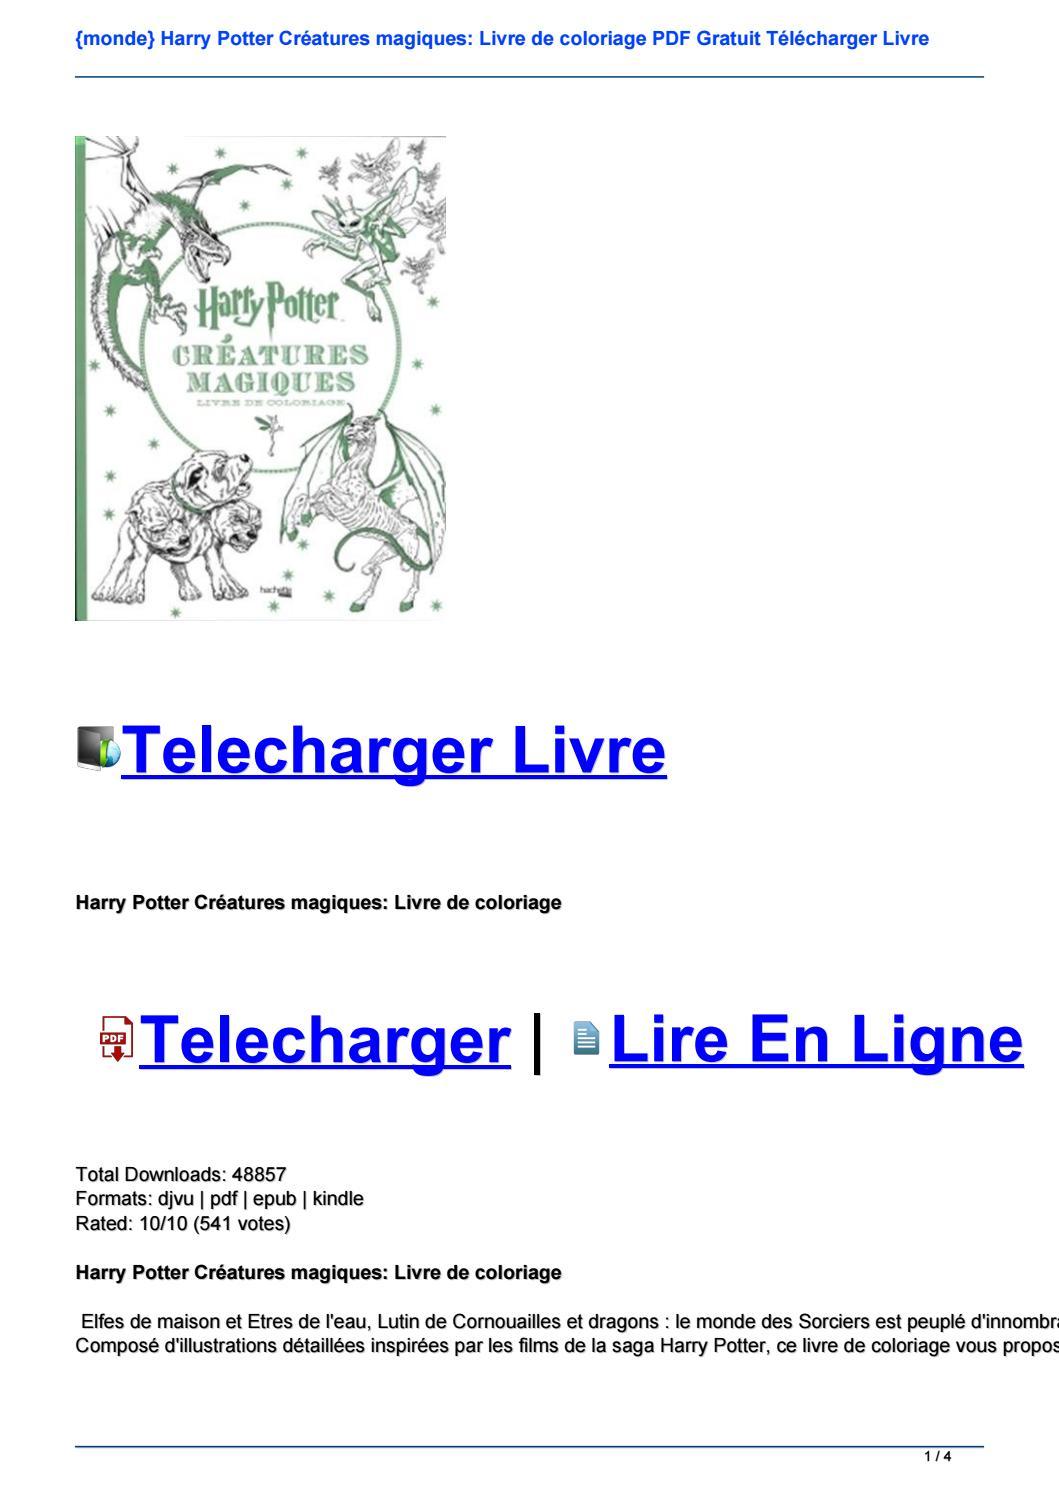 Coloriage en ligne harry potter imprimer et obtenir une coloriage gratuit ici - Harry potter livre pdf gratuit ...